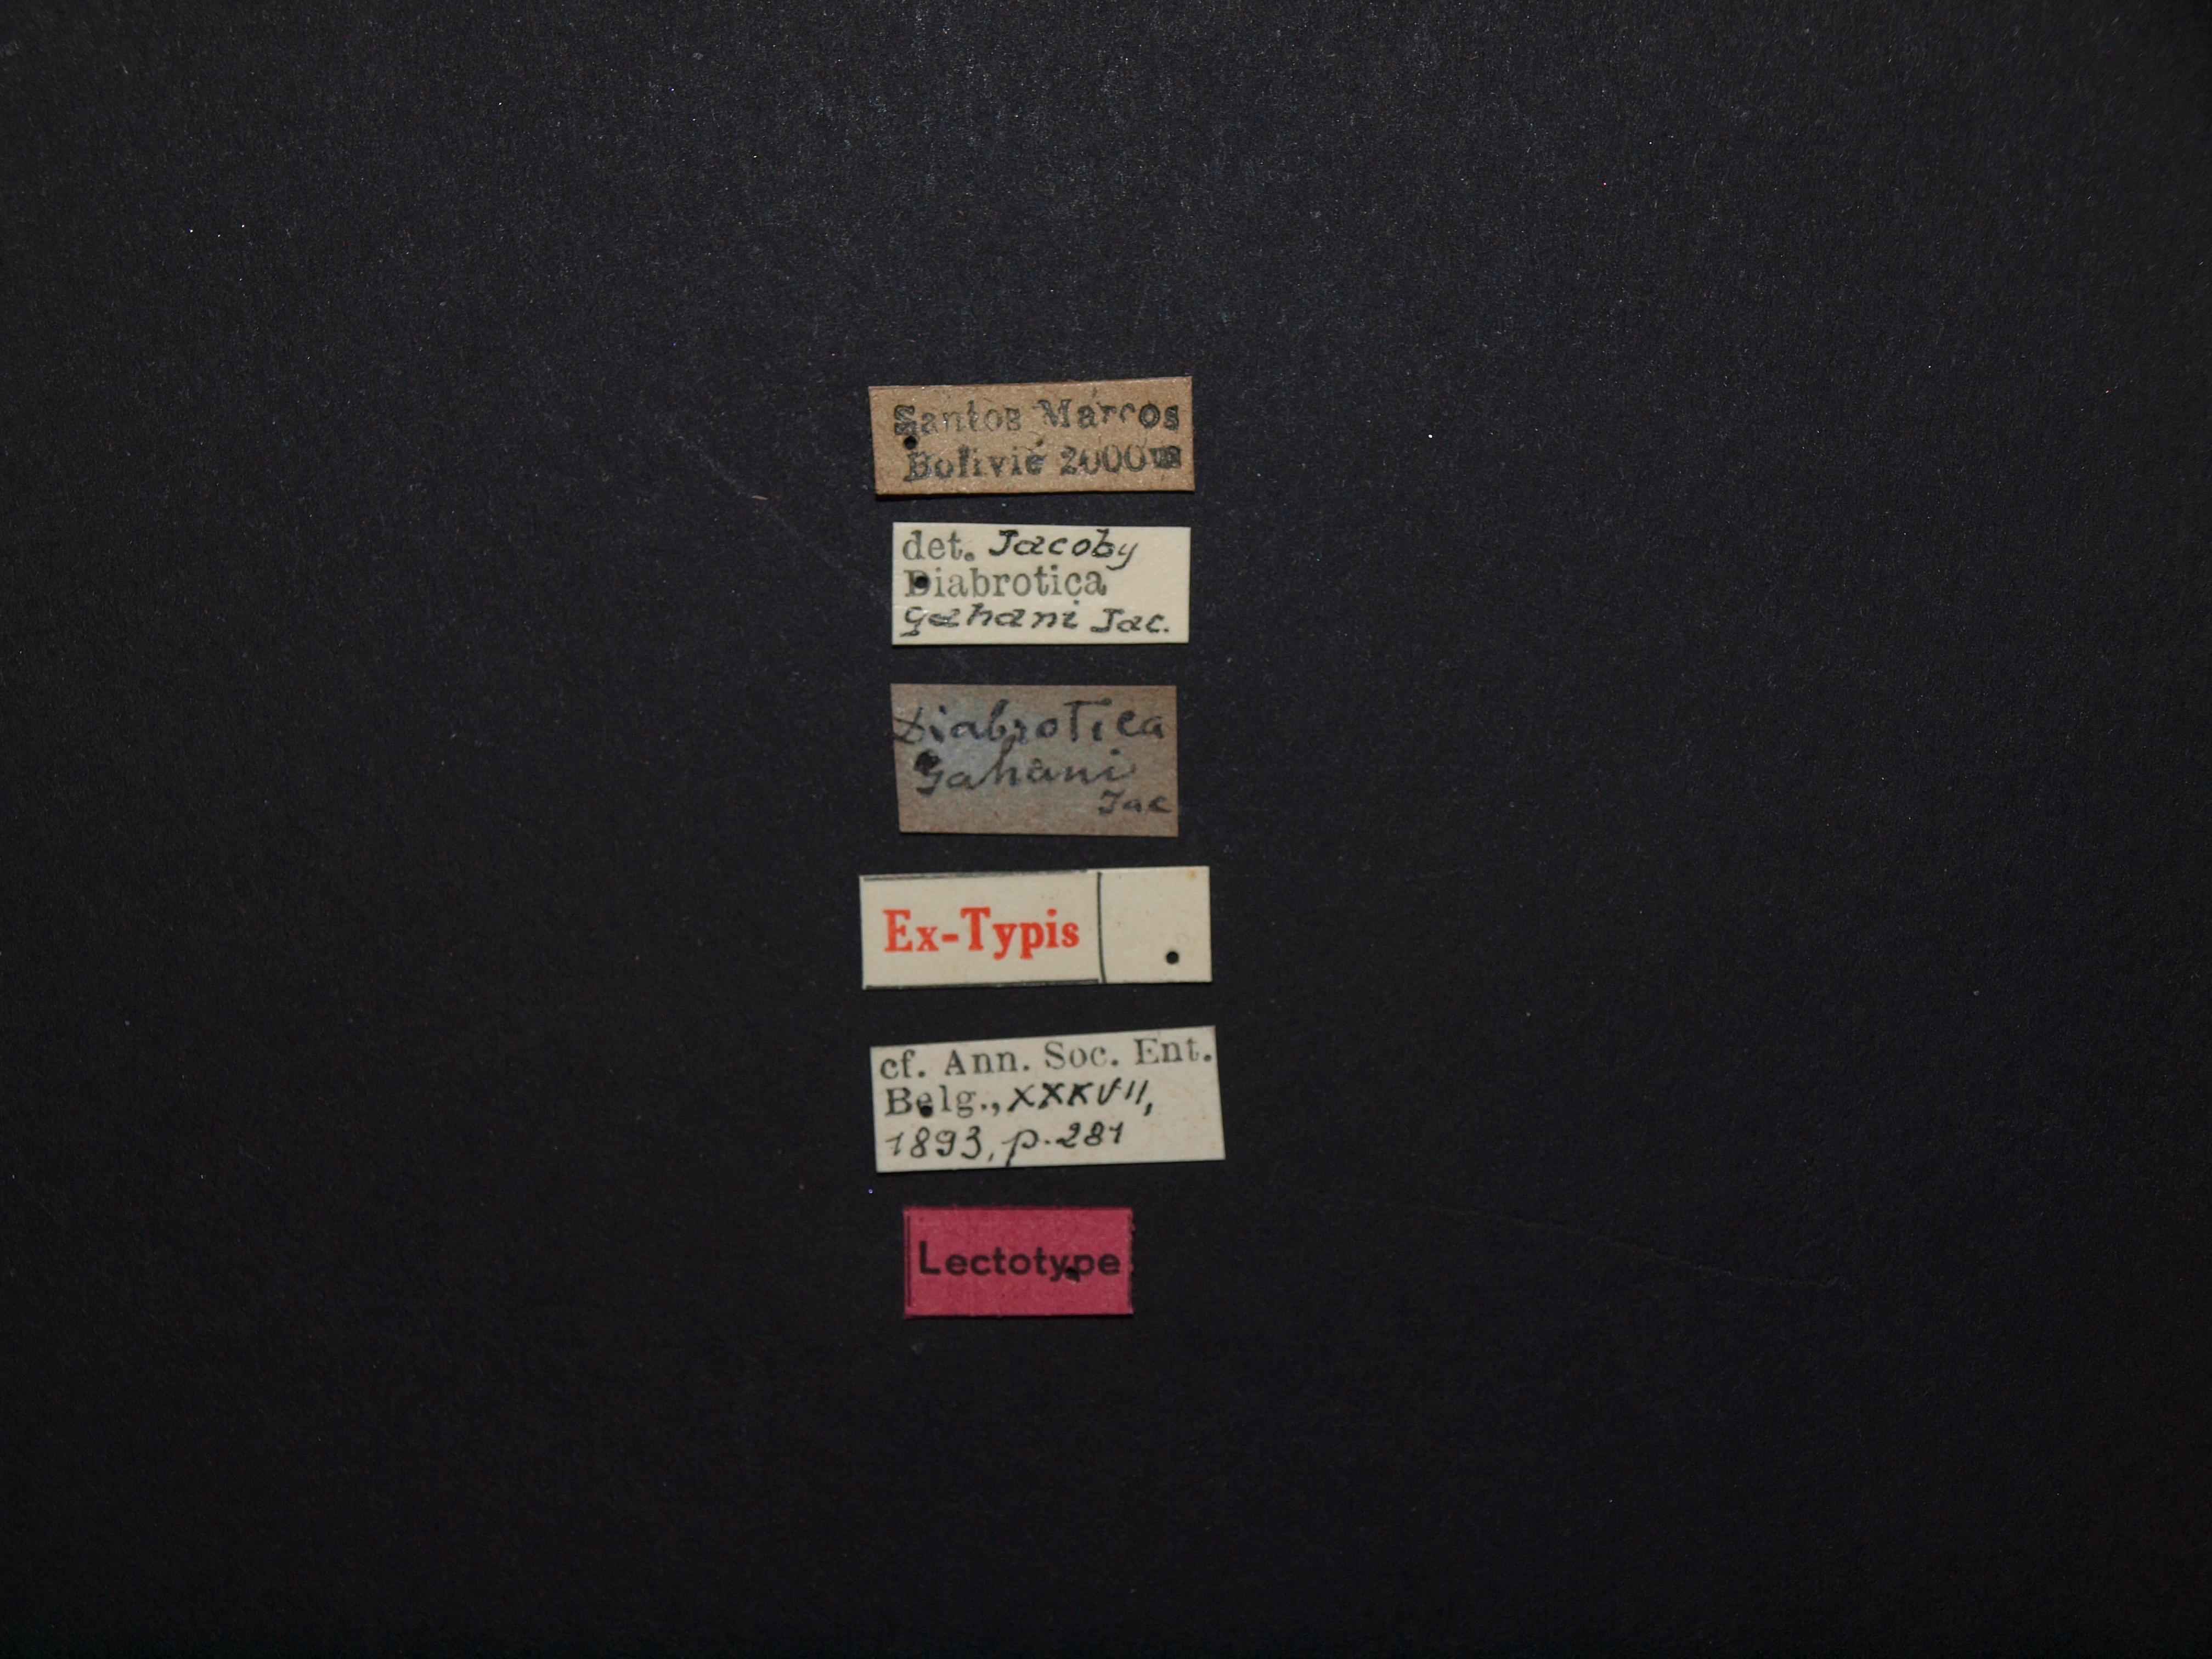 Diabrotica gahani lt Labels.JPG